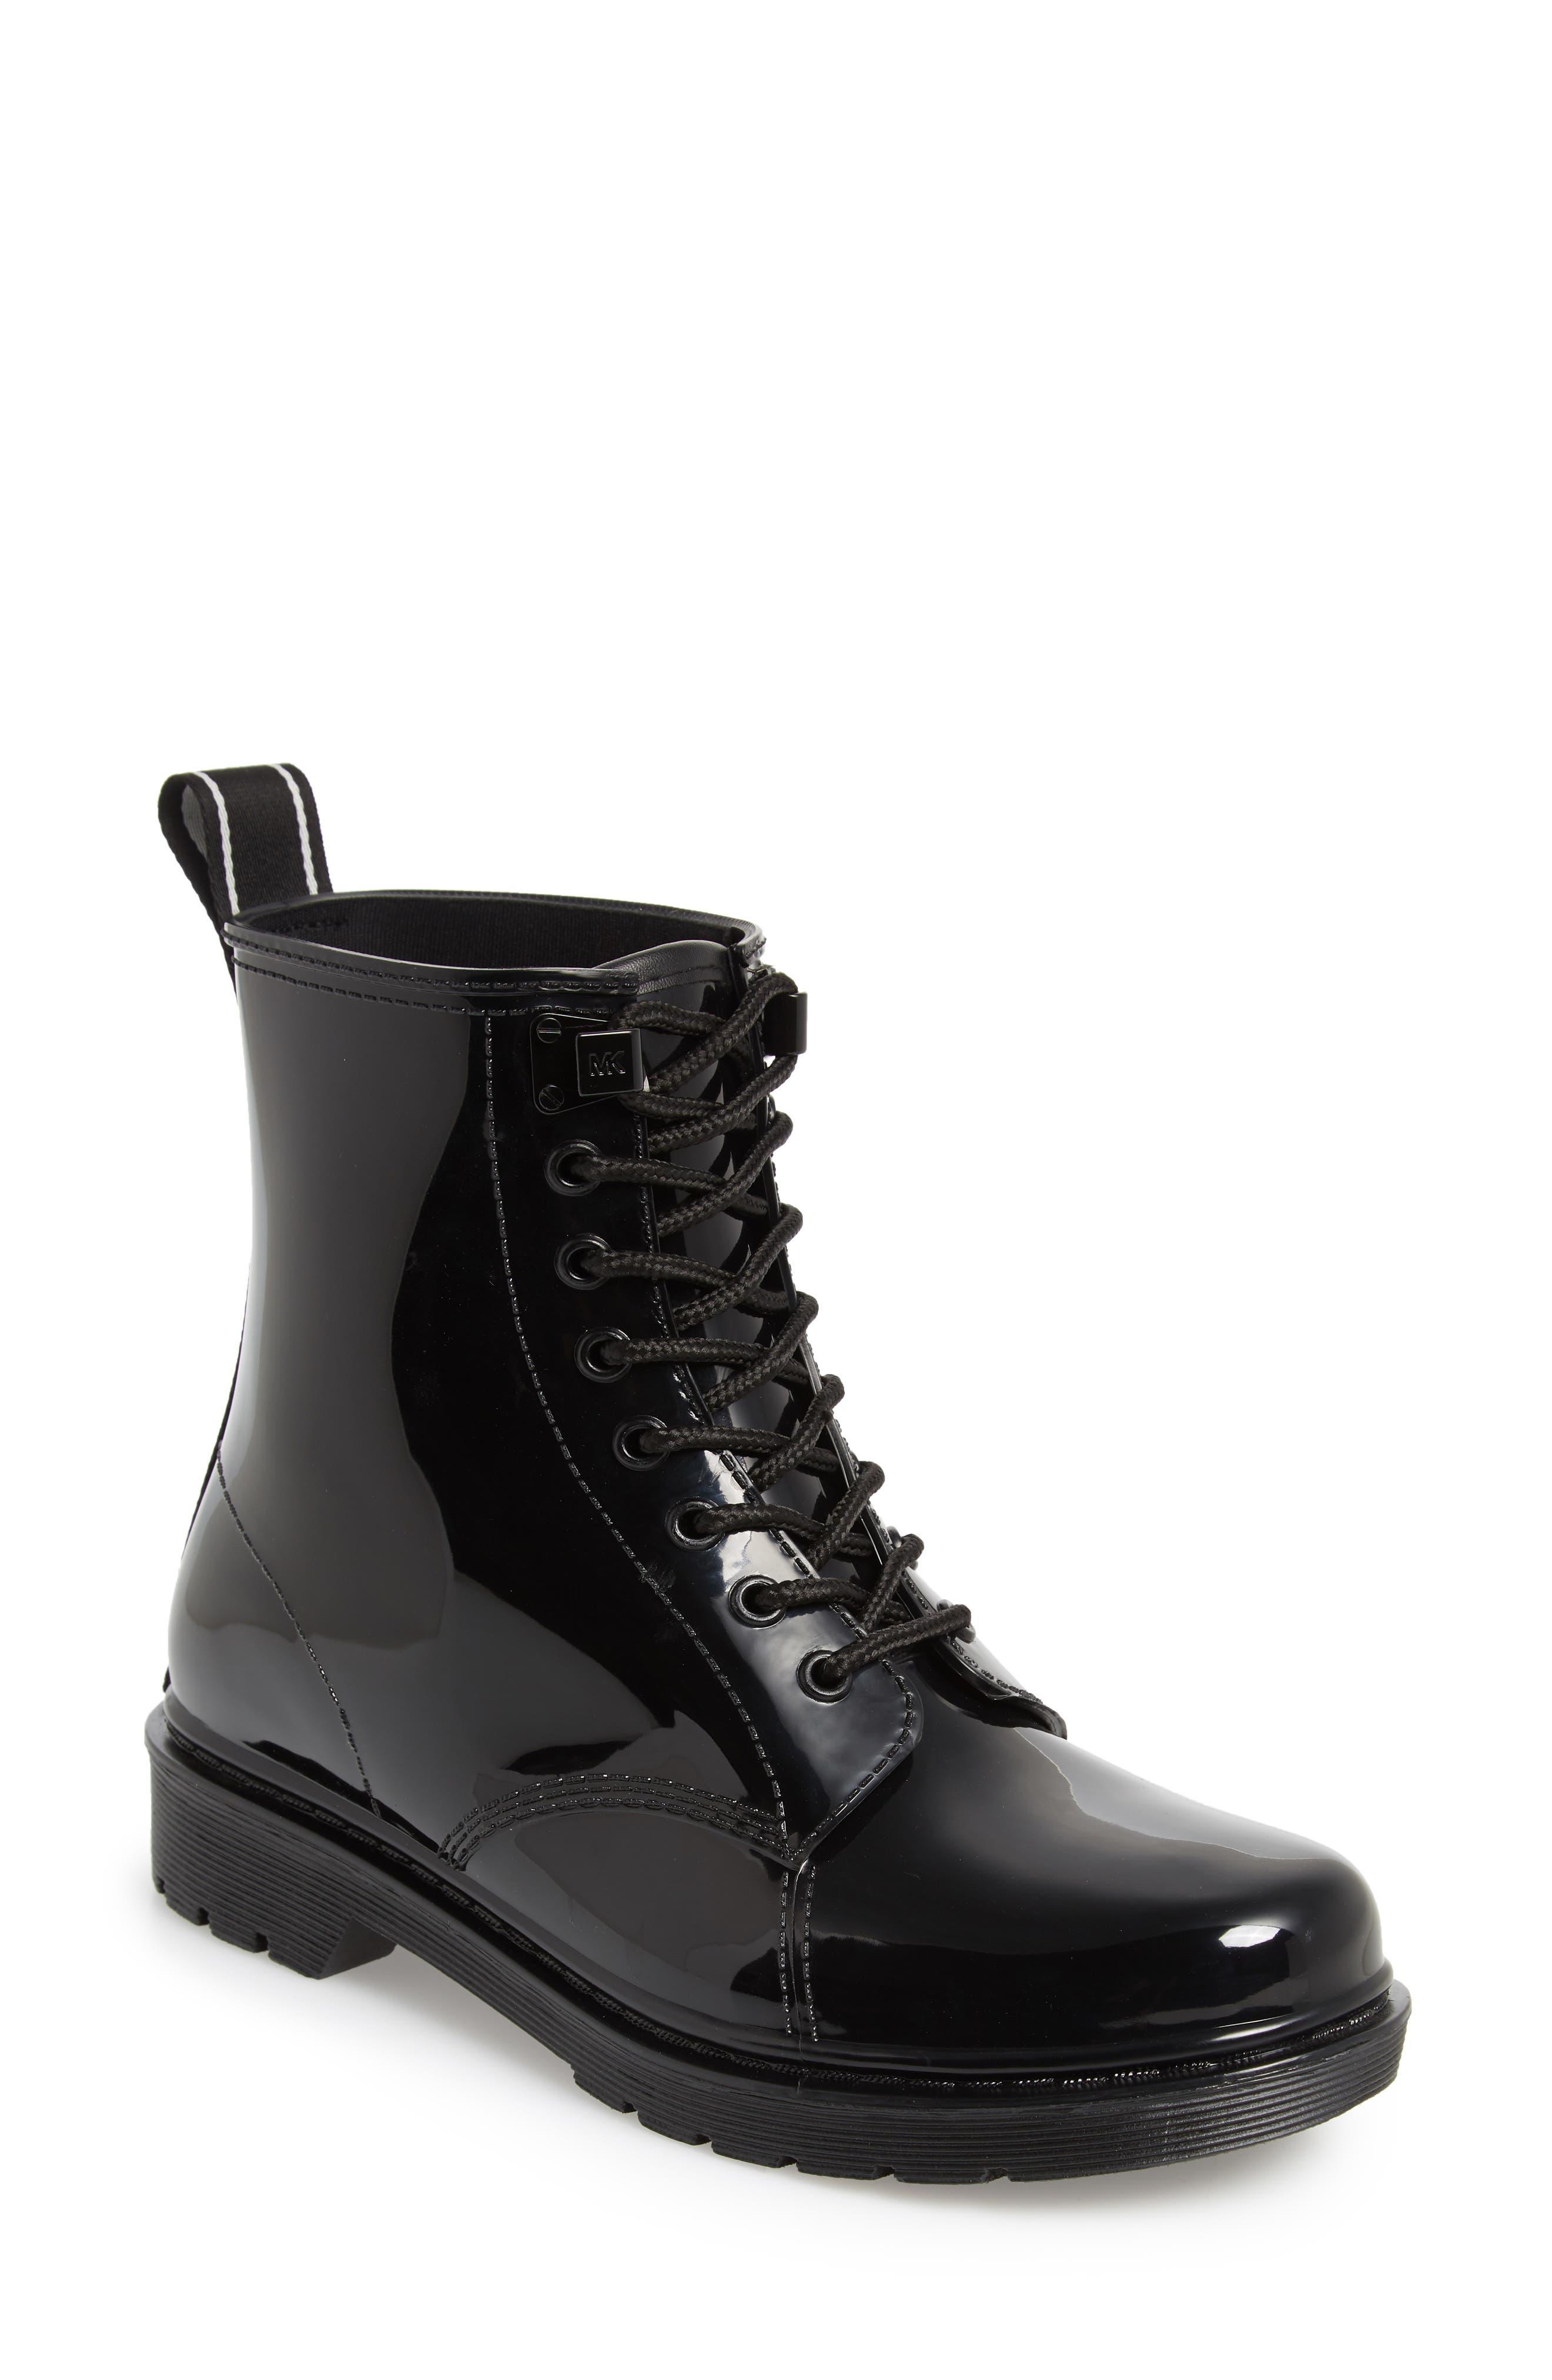 MICHAEL MICHAEL KORS, Tavie Rain Boot, Main thumbnail 1, color, BLACK